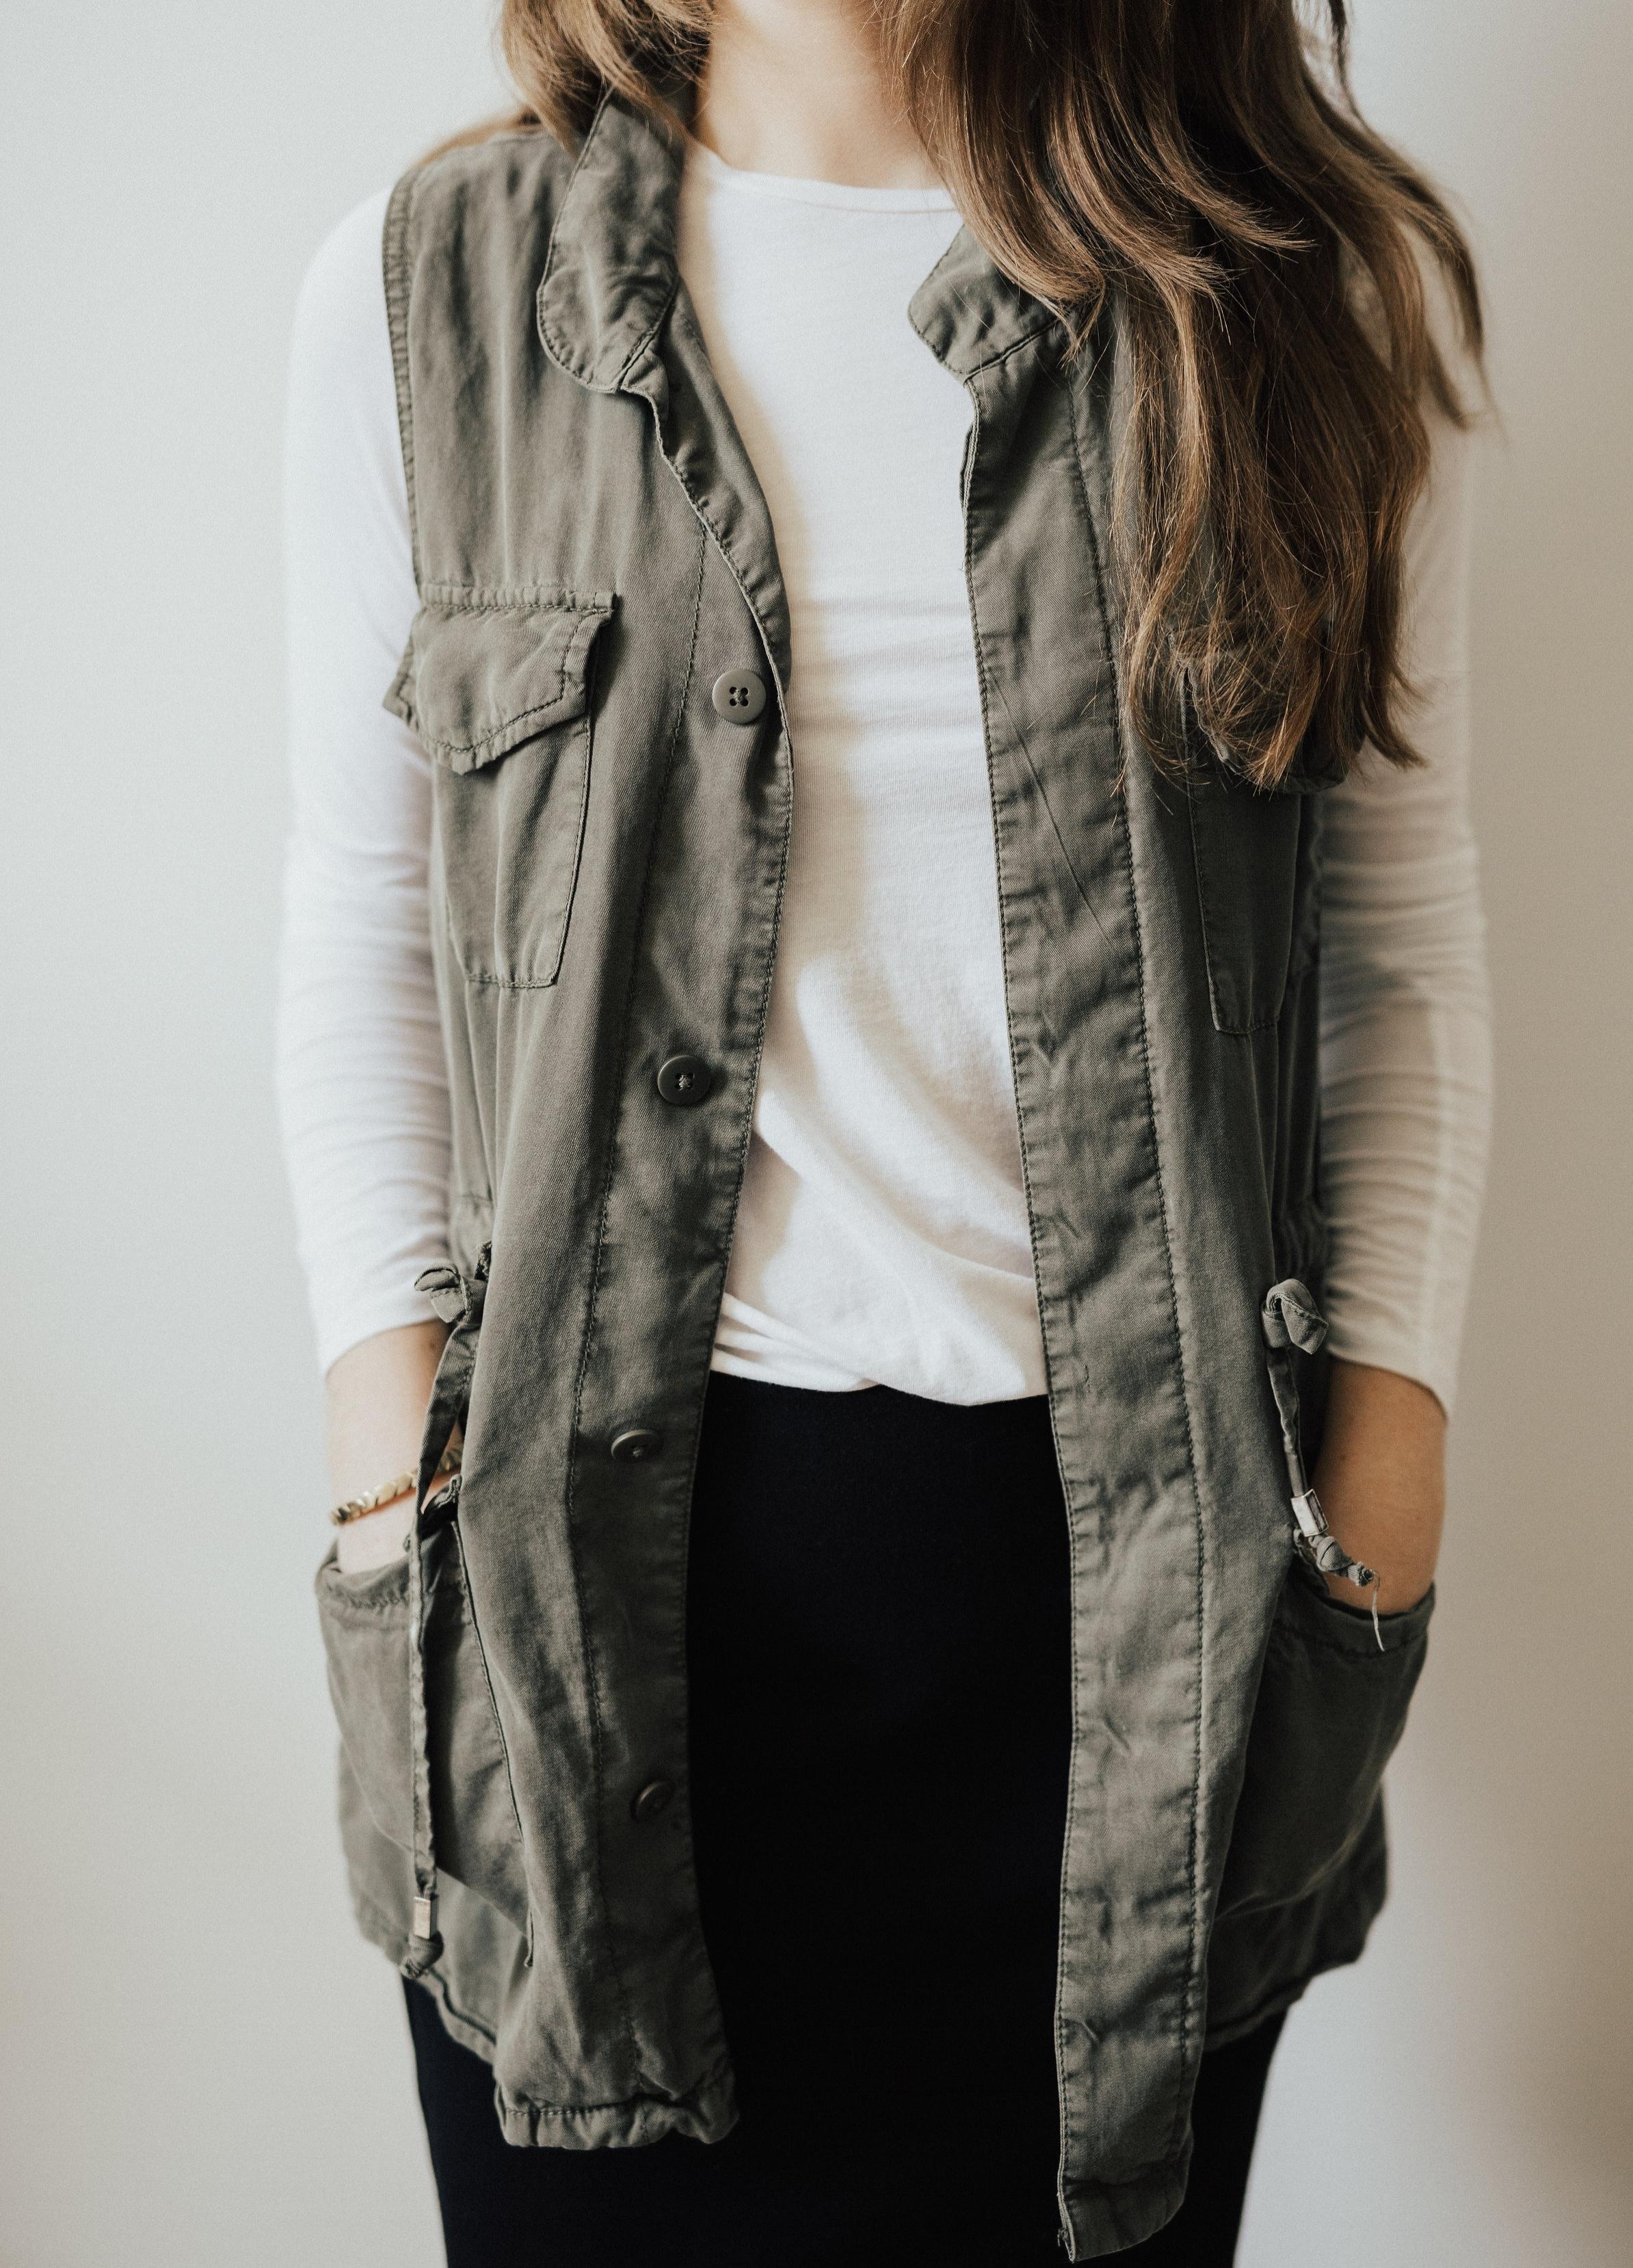 thegoodwear(18of106).jpg